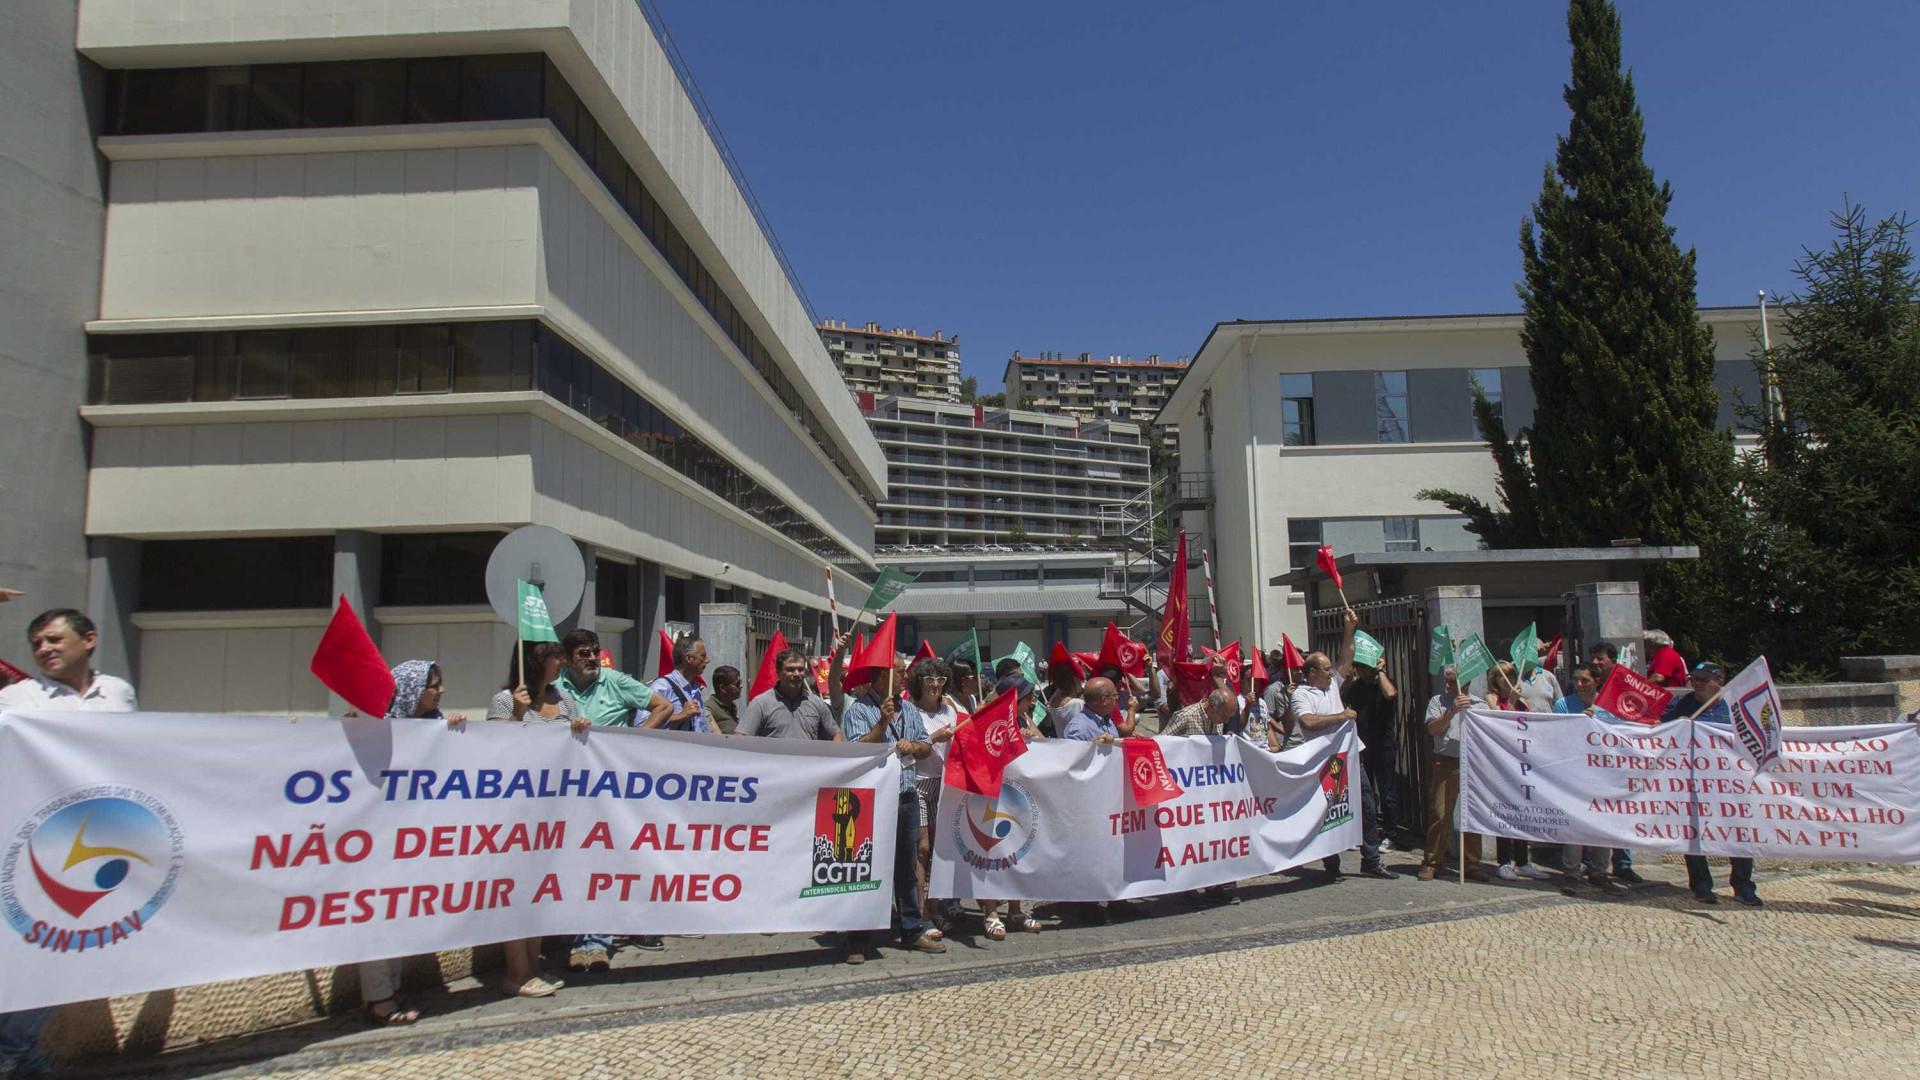 Trabalhadores da PT/Meo entregam na AR petição com 8 mil assinaturas